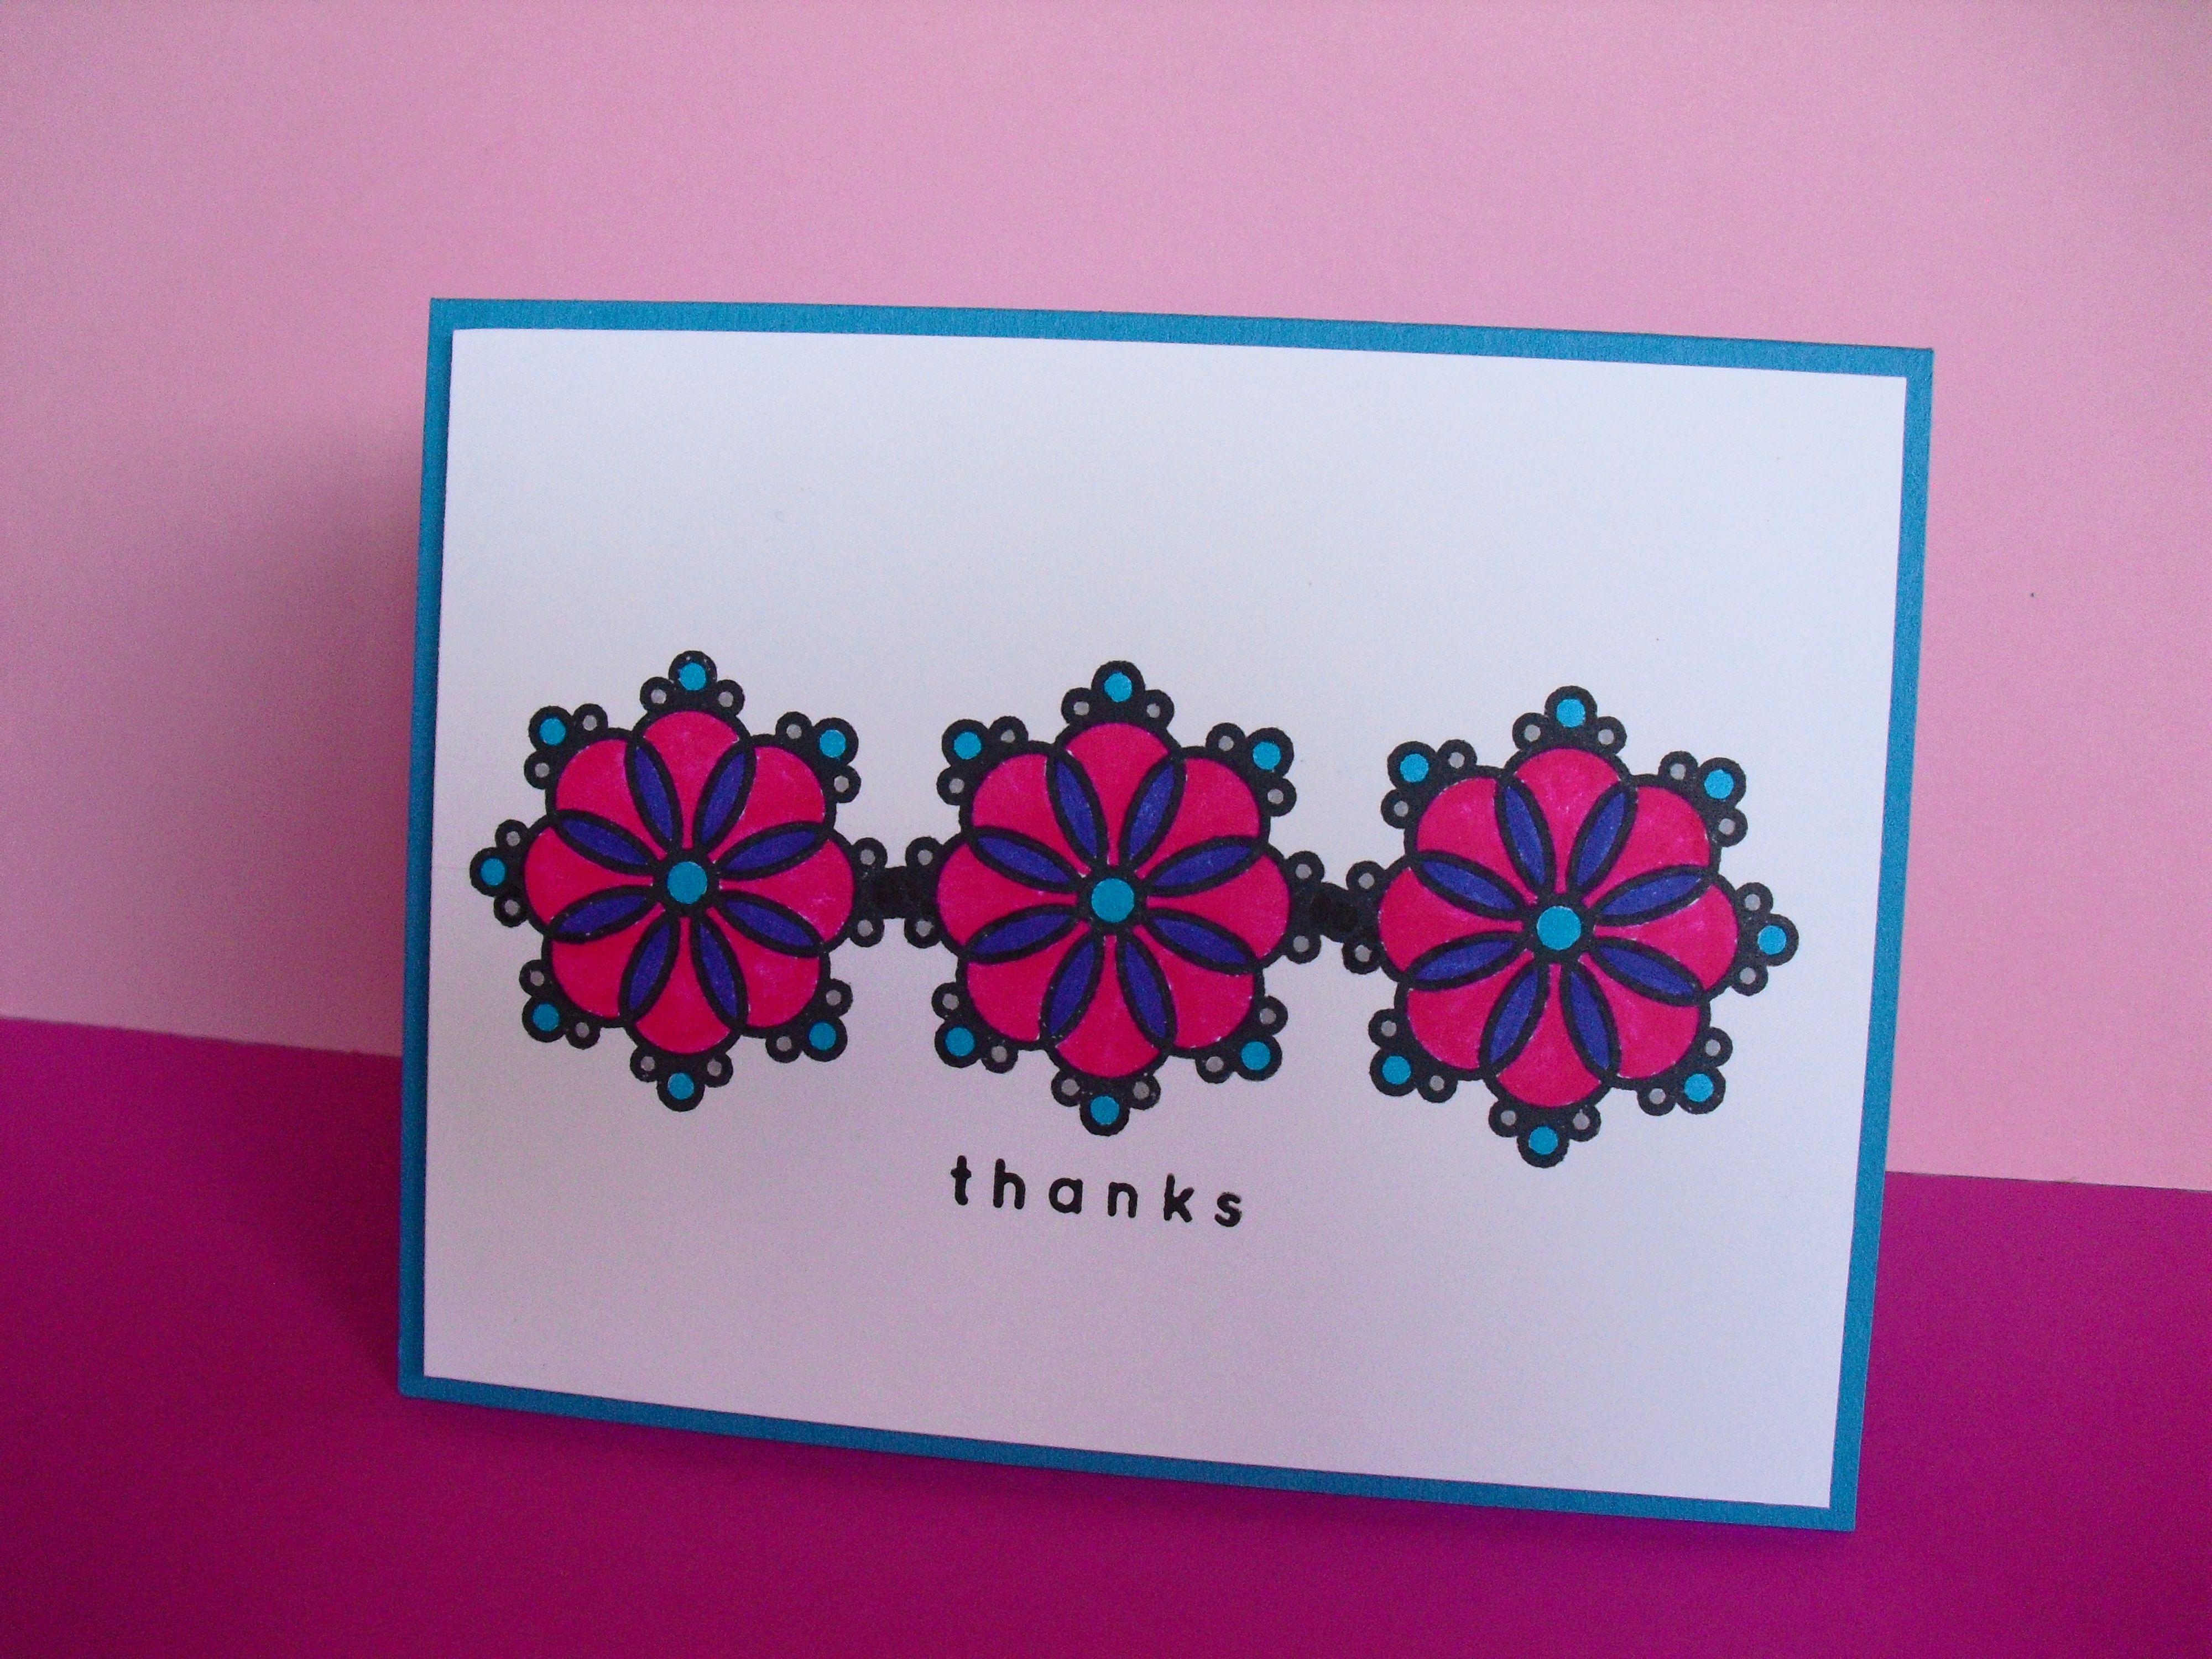 Tarjeta de agradecimiento Snowflakes